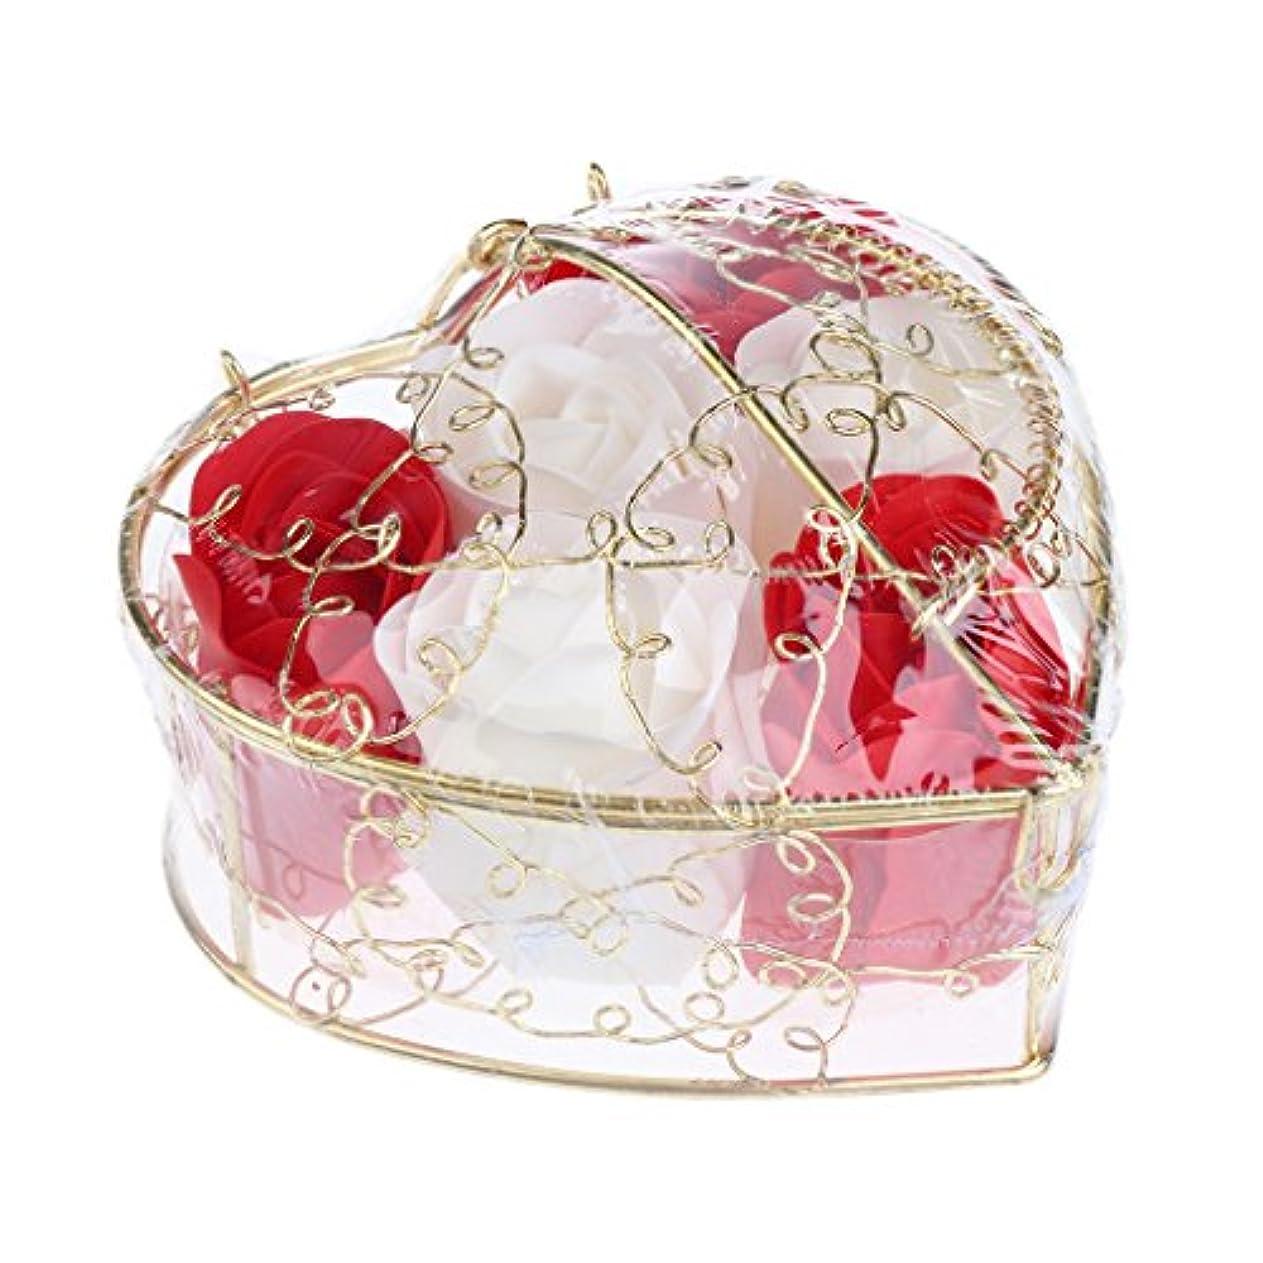 赤字立ち寄る目覚める6個 ソープフラワー 石鹸の花 バラ 心の形 ギフトボックス バレンタインデー ホワイトデー 母の日 結婚記念日 プレゼント 全5タイプ選べる - 赤と白